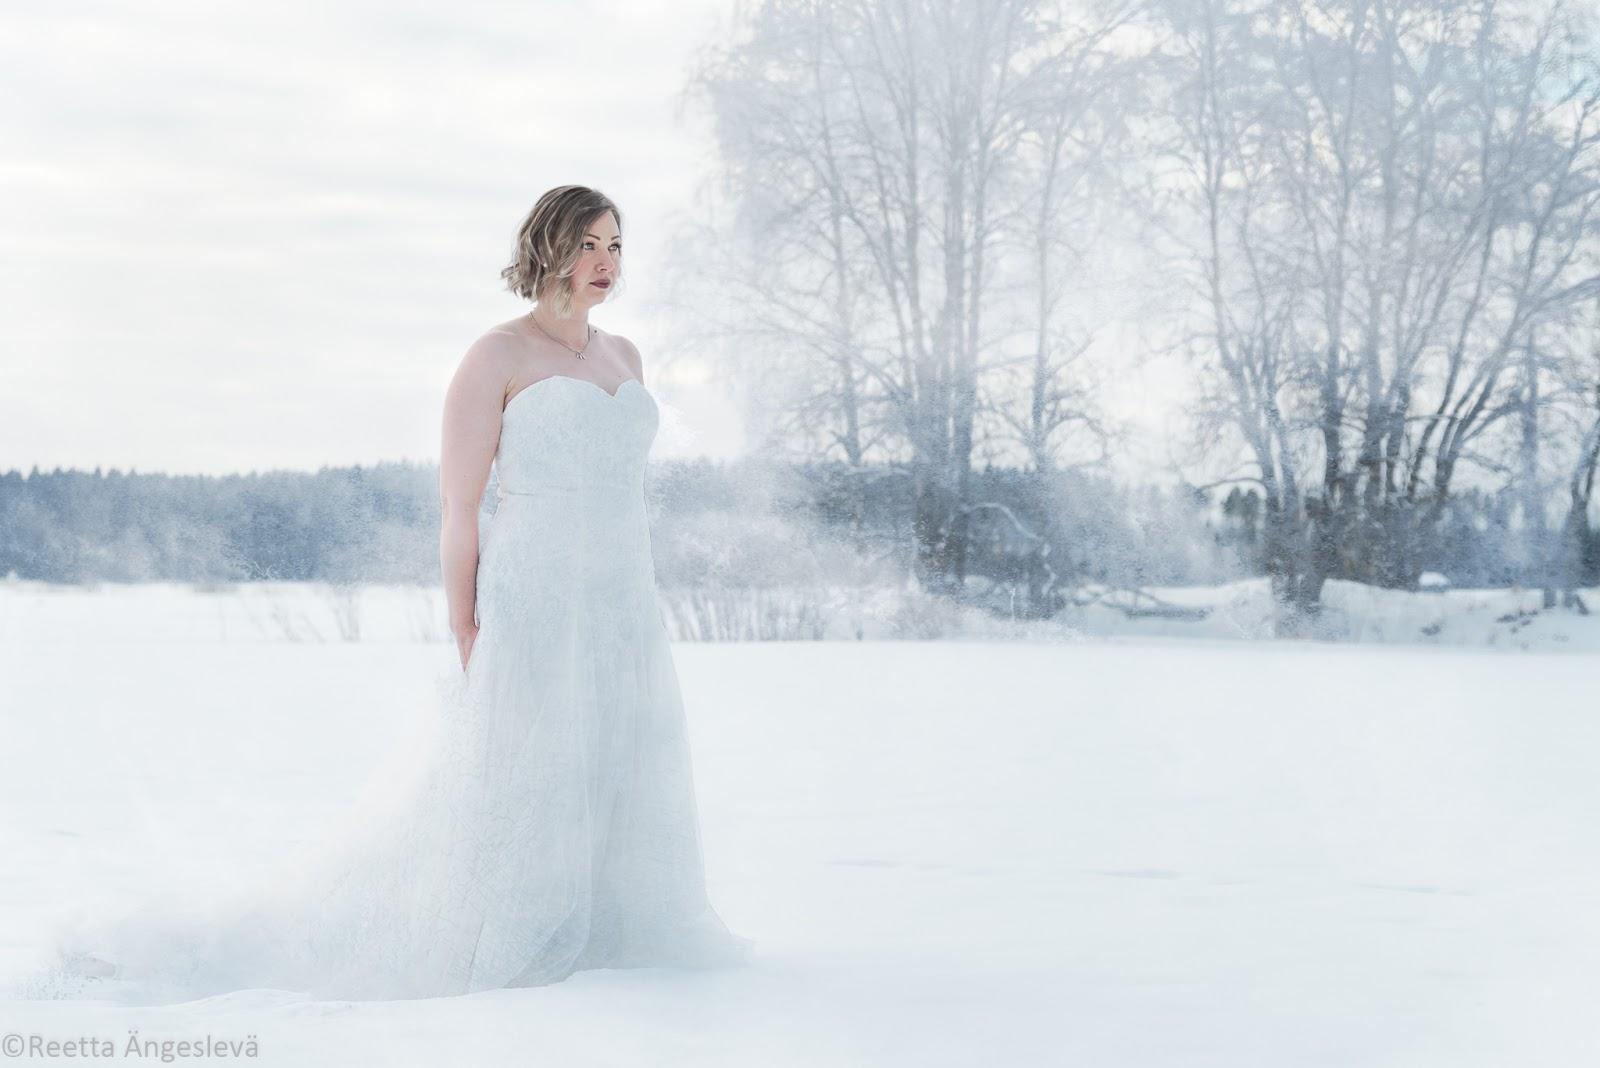 Kuvaukset The The Dress LuomallaGlam LuomallaGlam c1T3uFKJl